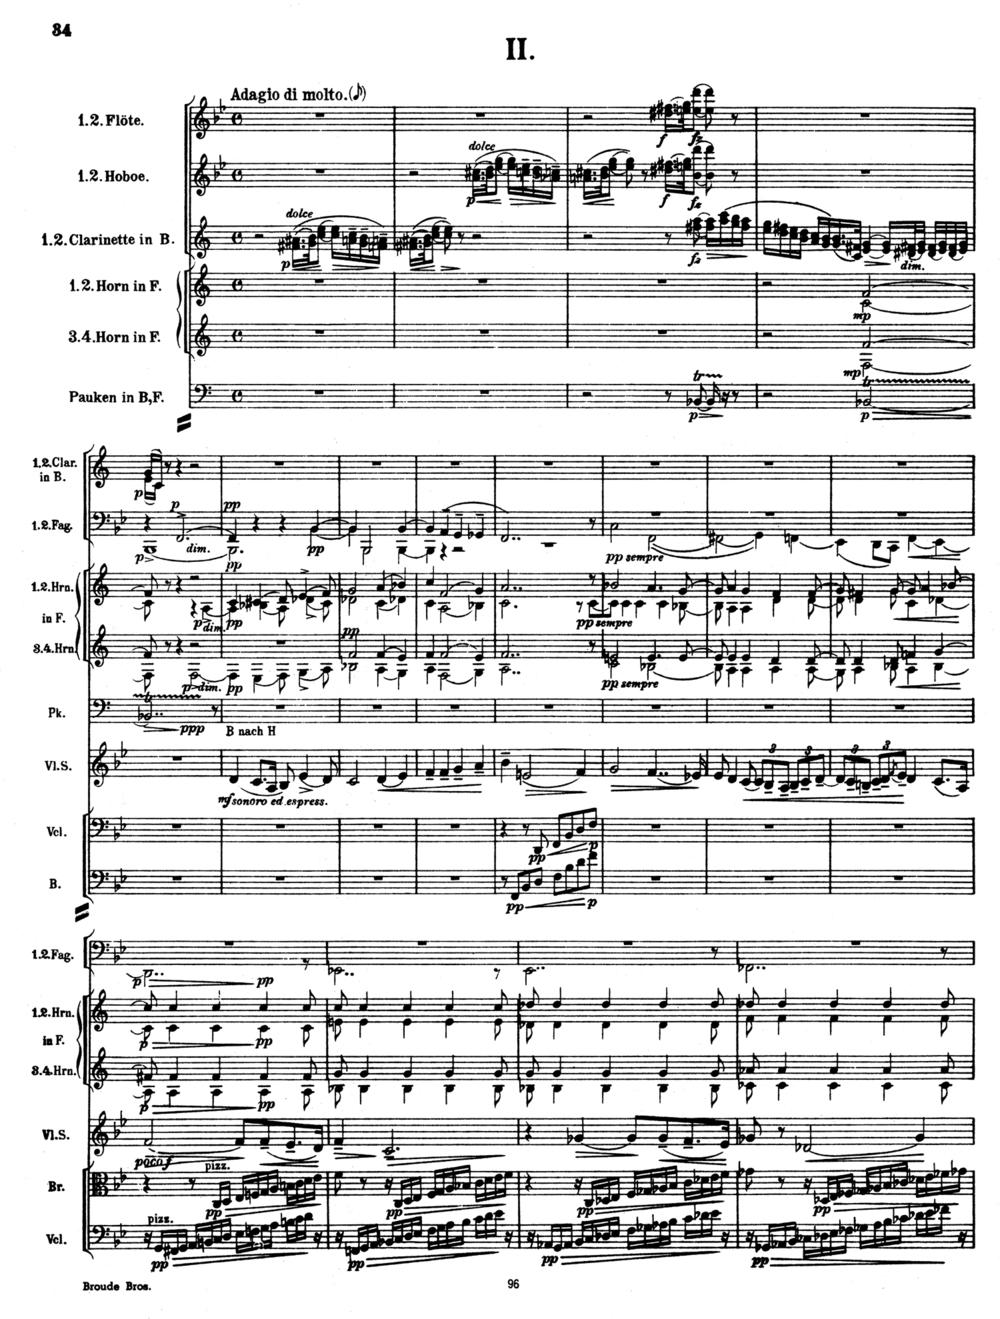 Sibelius Violin Score 1.jpg